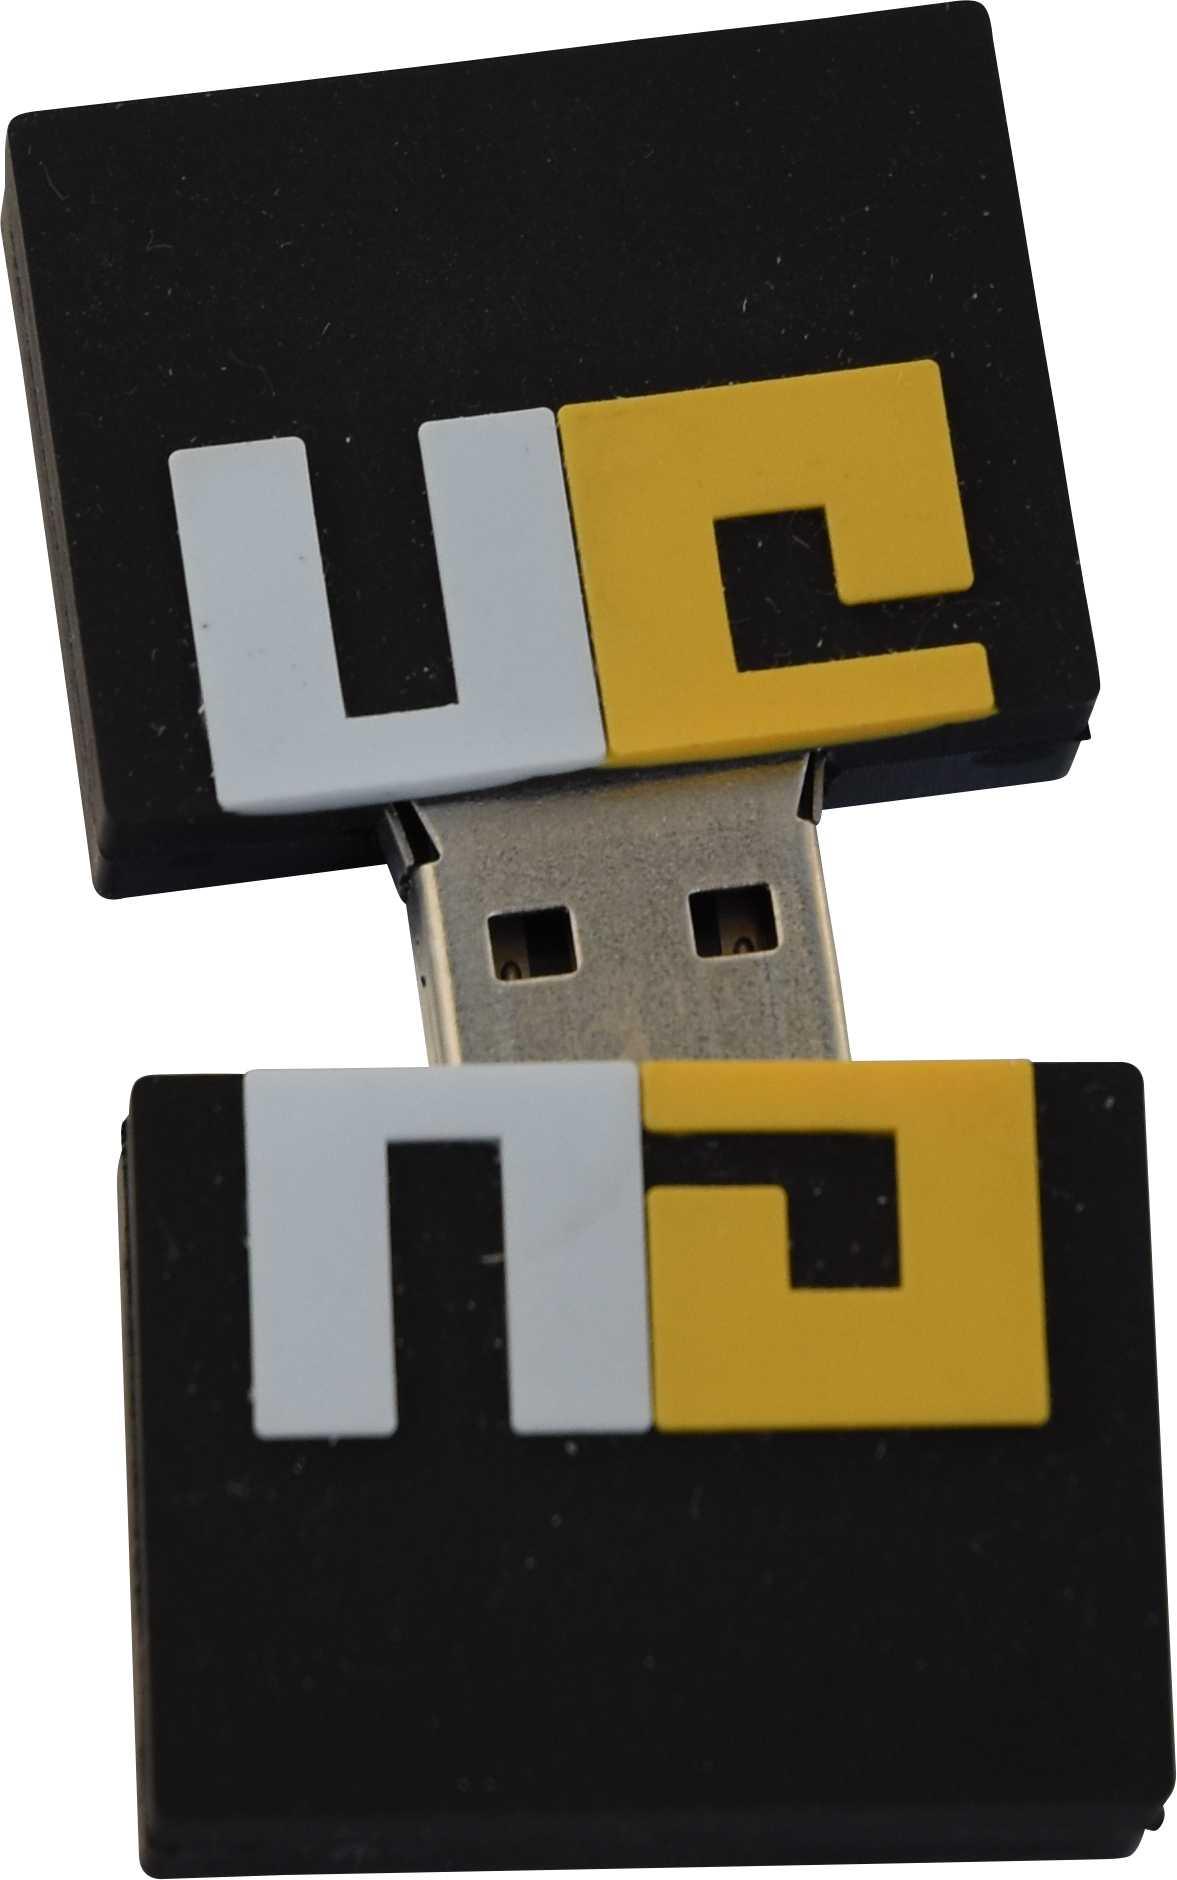 USB Stick Sonderproduktion für Heinrich Schmid, Eschbach.